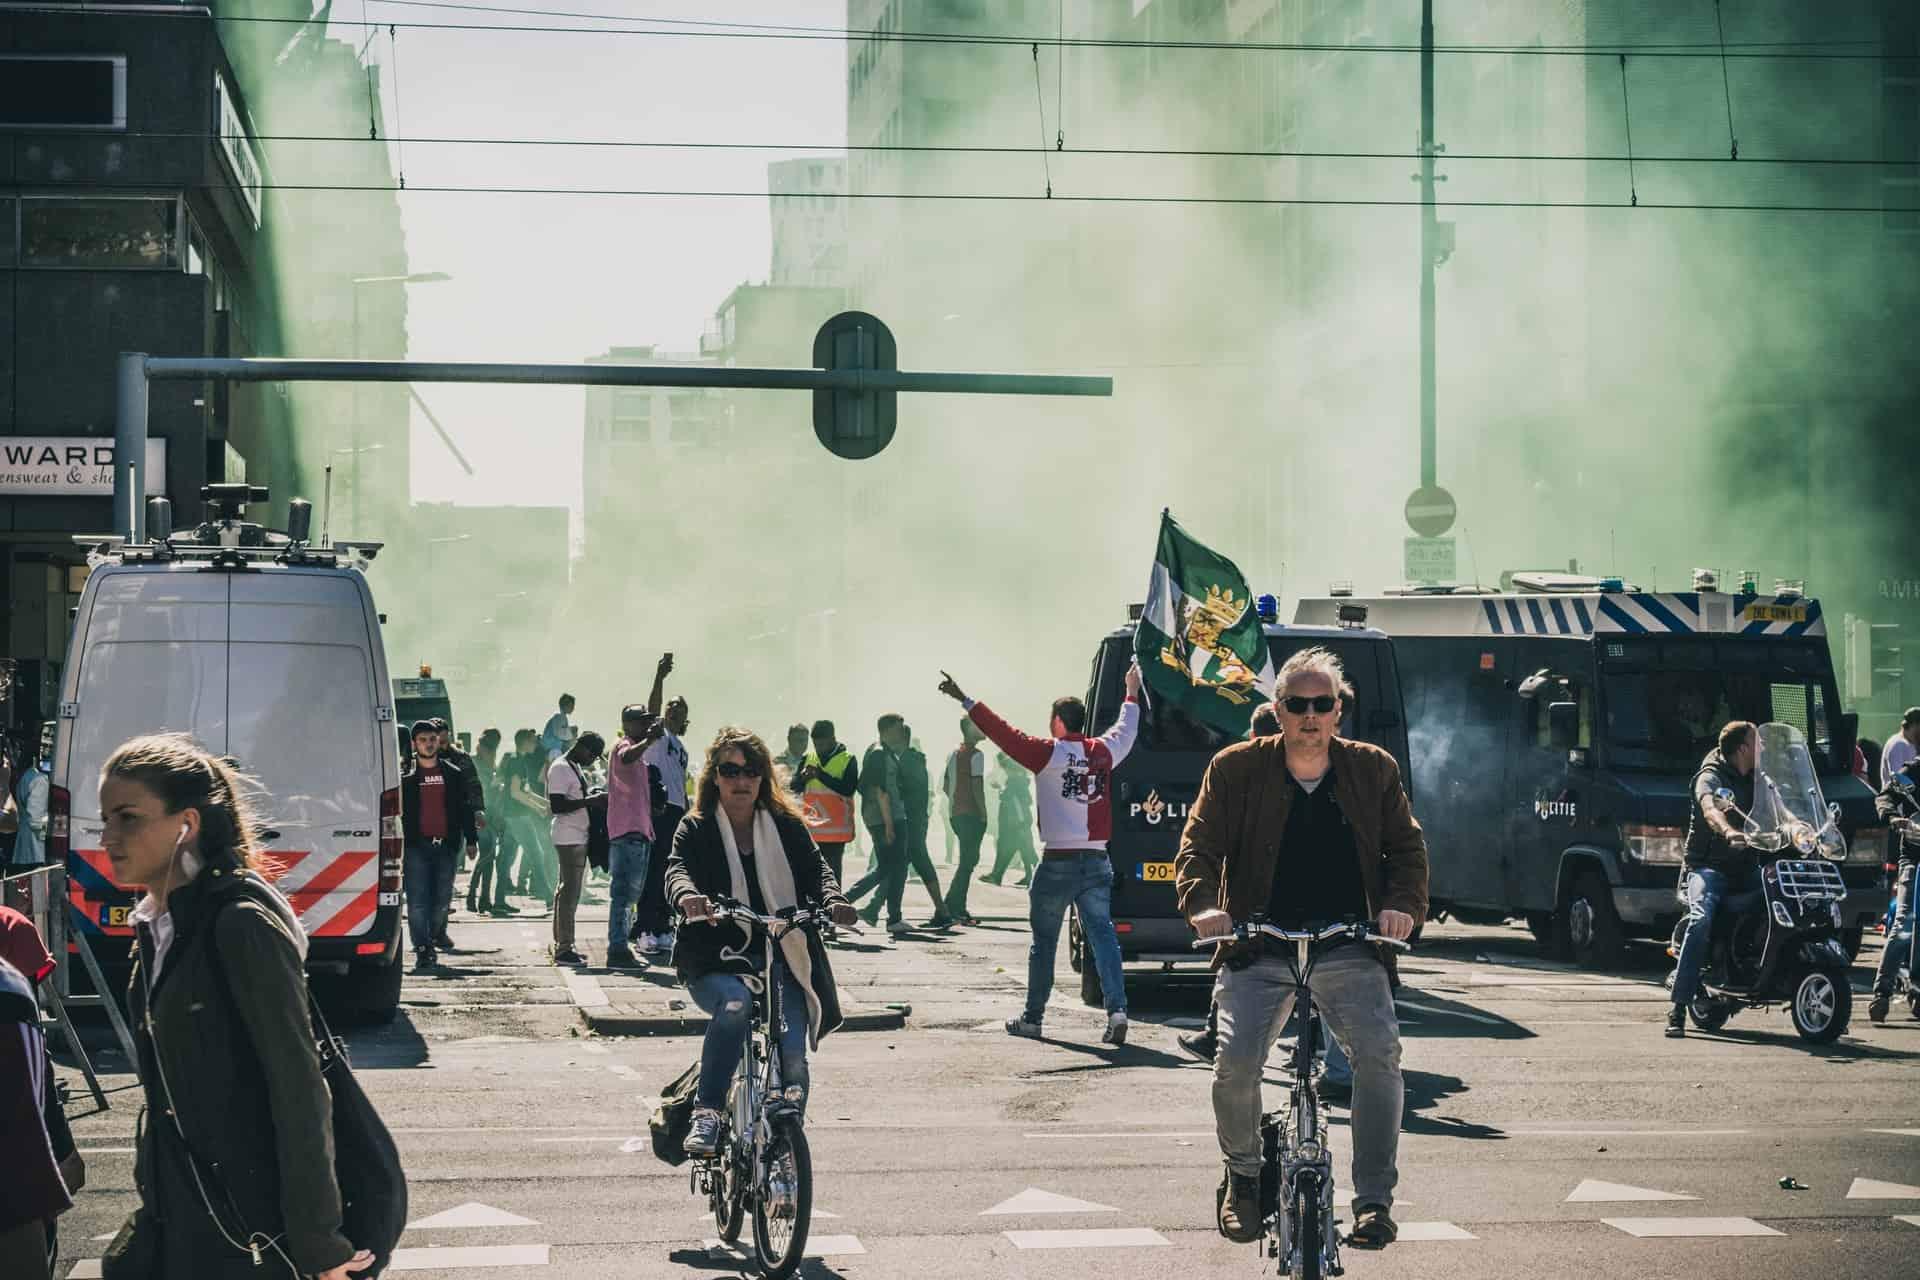 Politie - rellen - gezag - normen | Groen Rechts